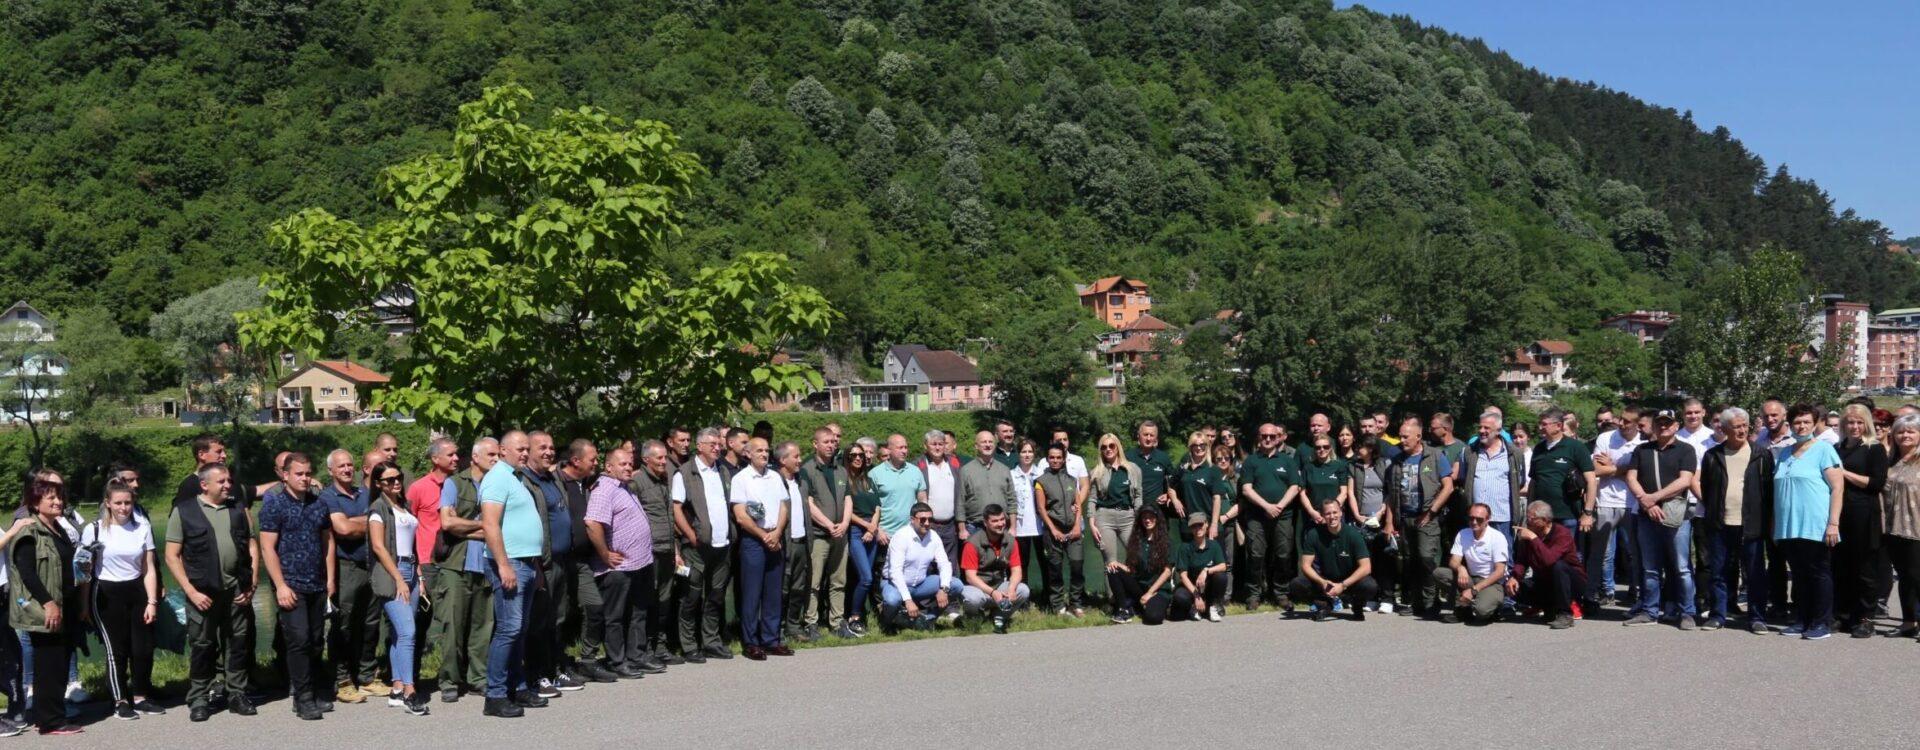 Гајимо и негујемо шуме за будуће генерације - обележен Светски дан заштите животне средине